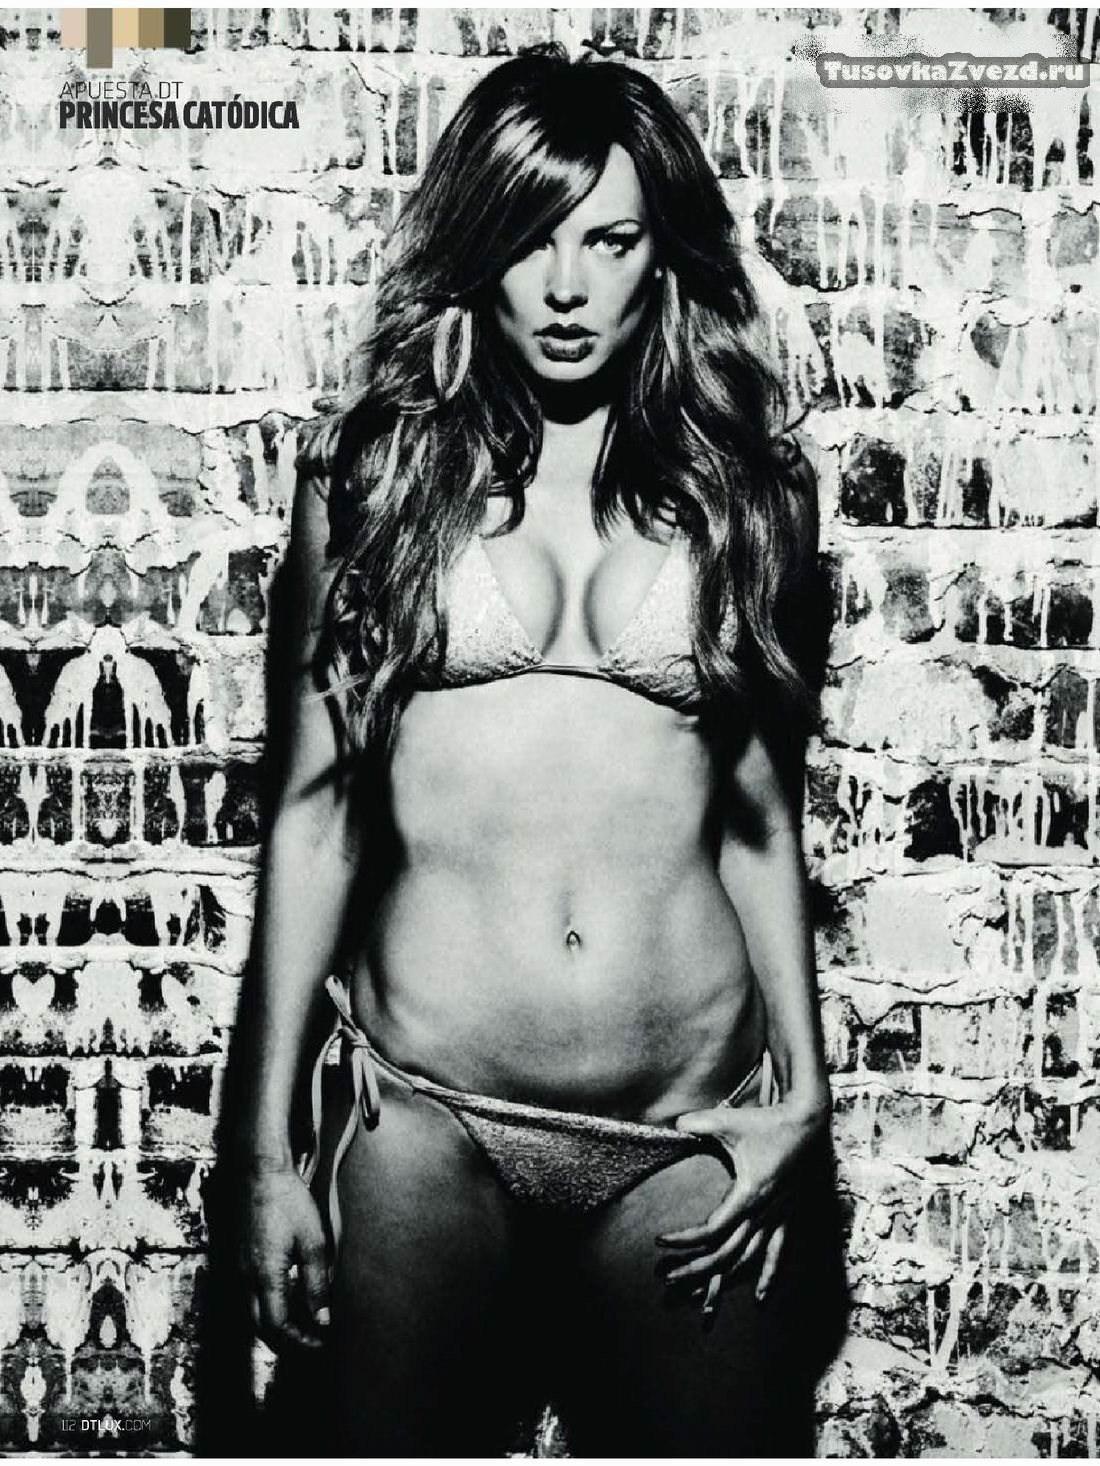 Наташа Алам (Natasha Alam) эротическая фото сессия для журнала DT Испания, июнь 2011